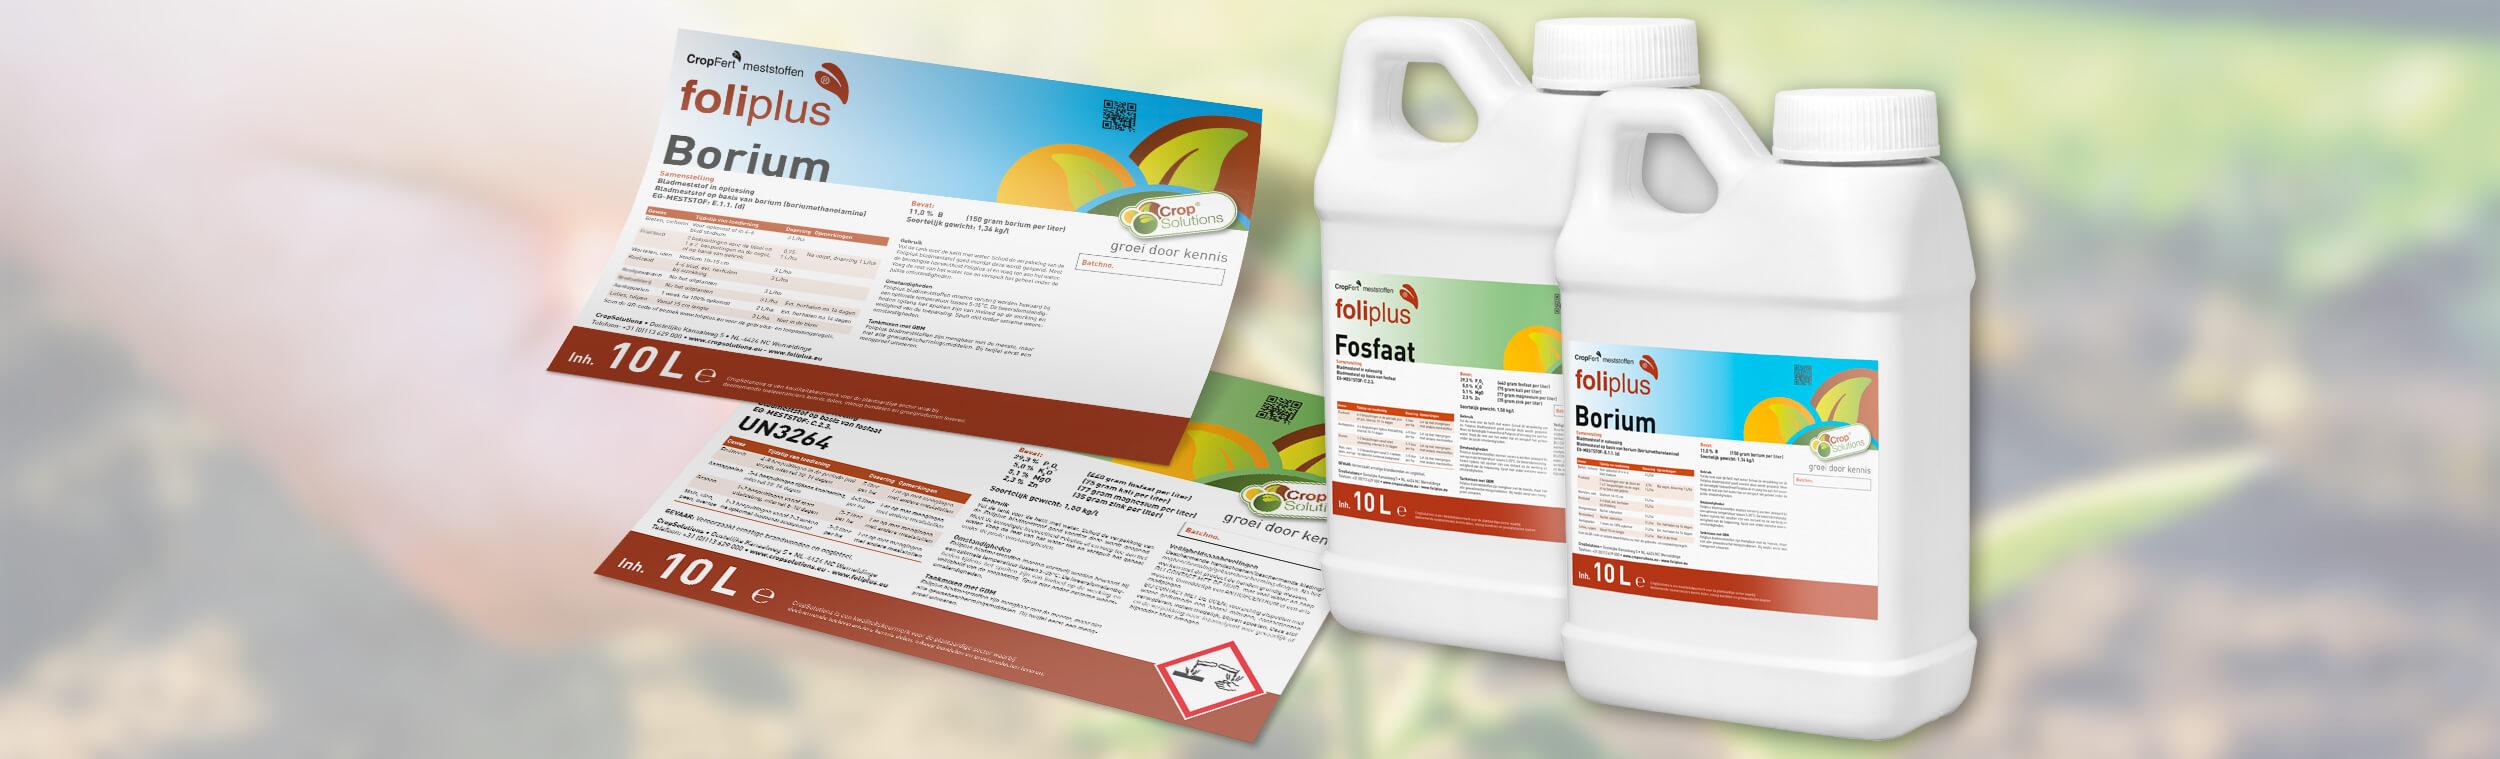 CropSolutions - Etiketten